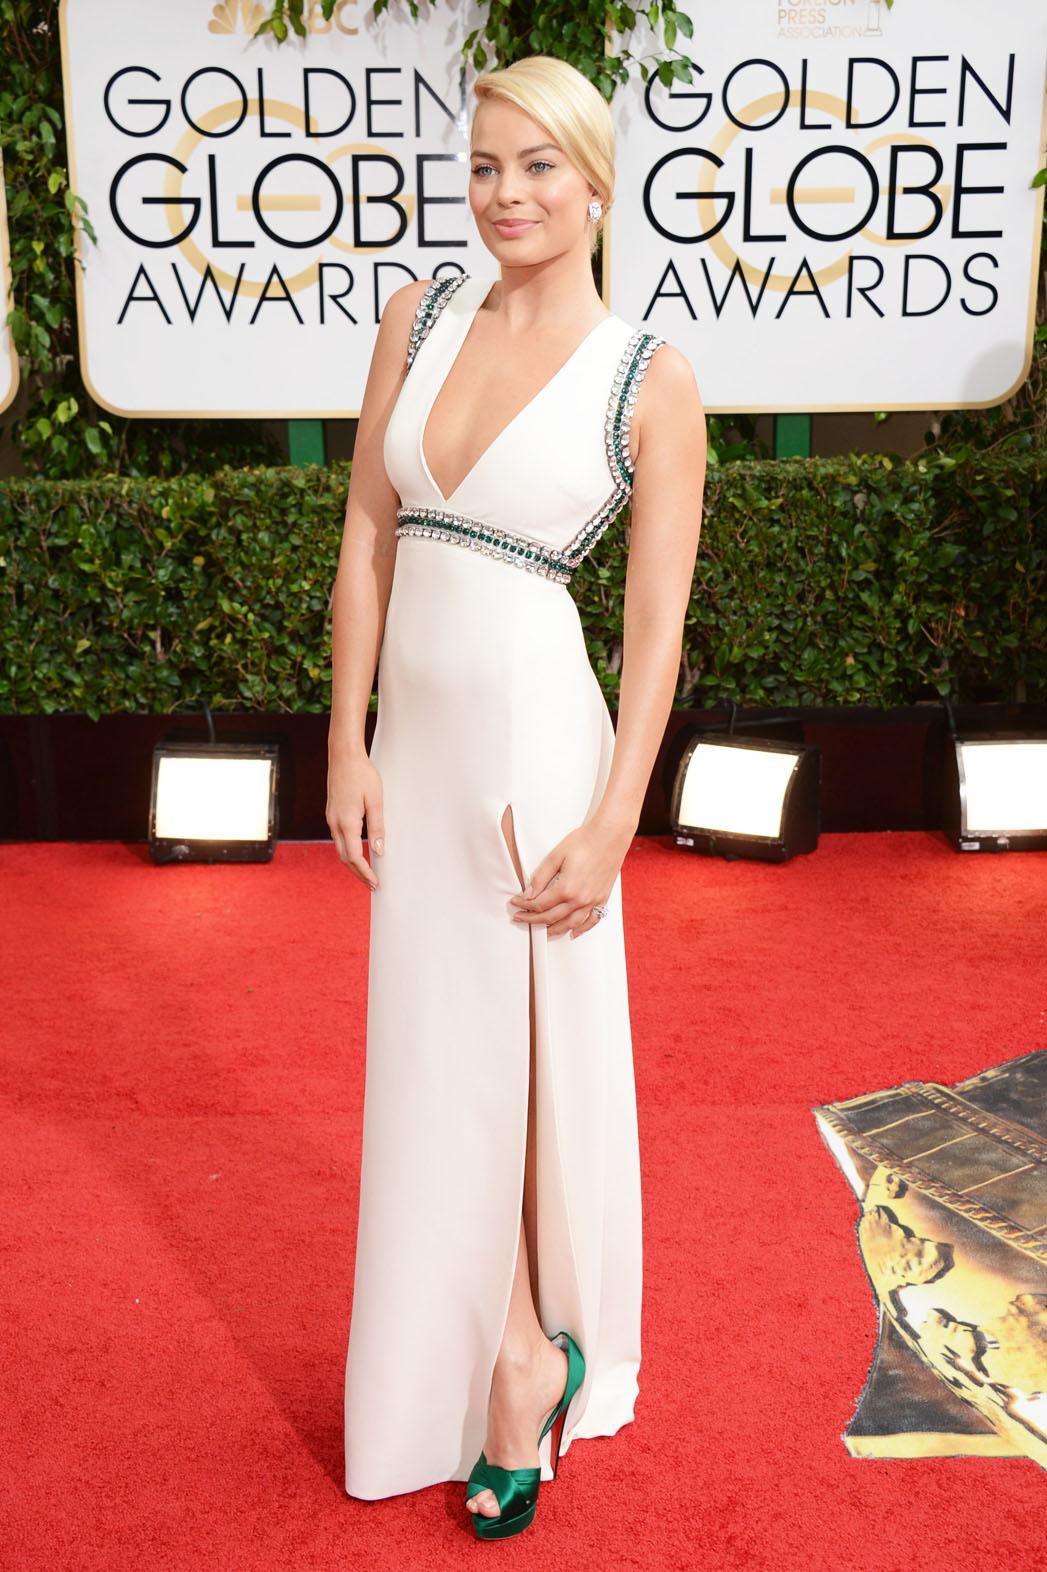 Margot Robbie en robe blanche très décolletée sur le tapis rouge des Golden Globe Awards 2014